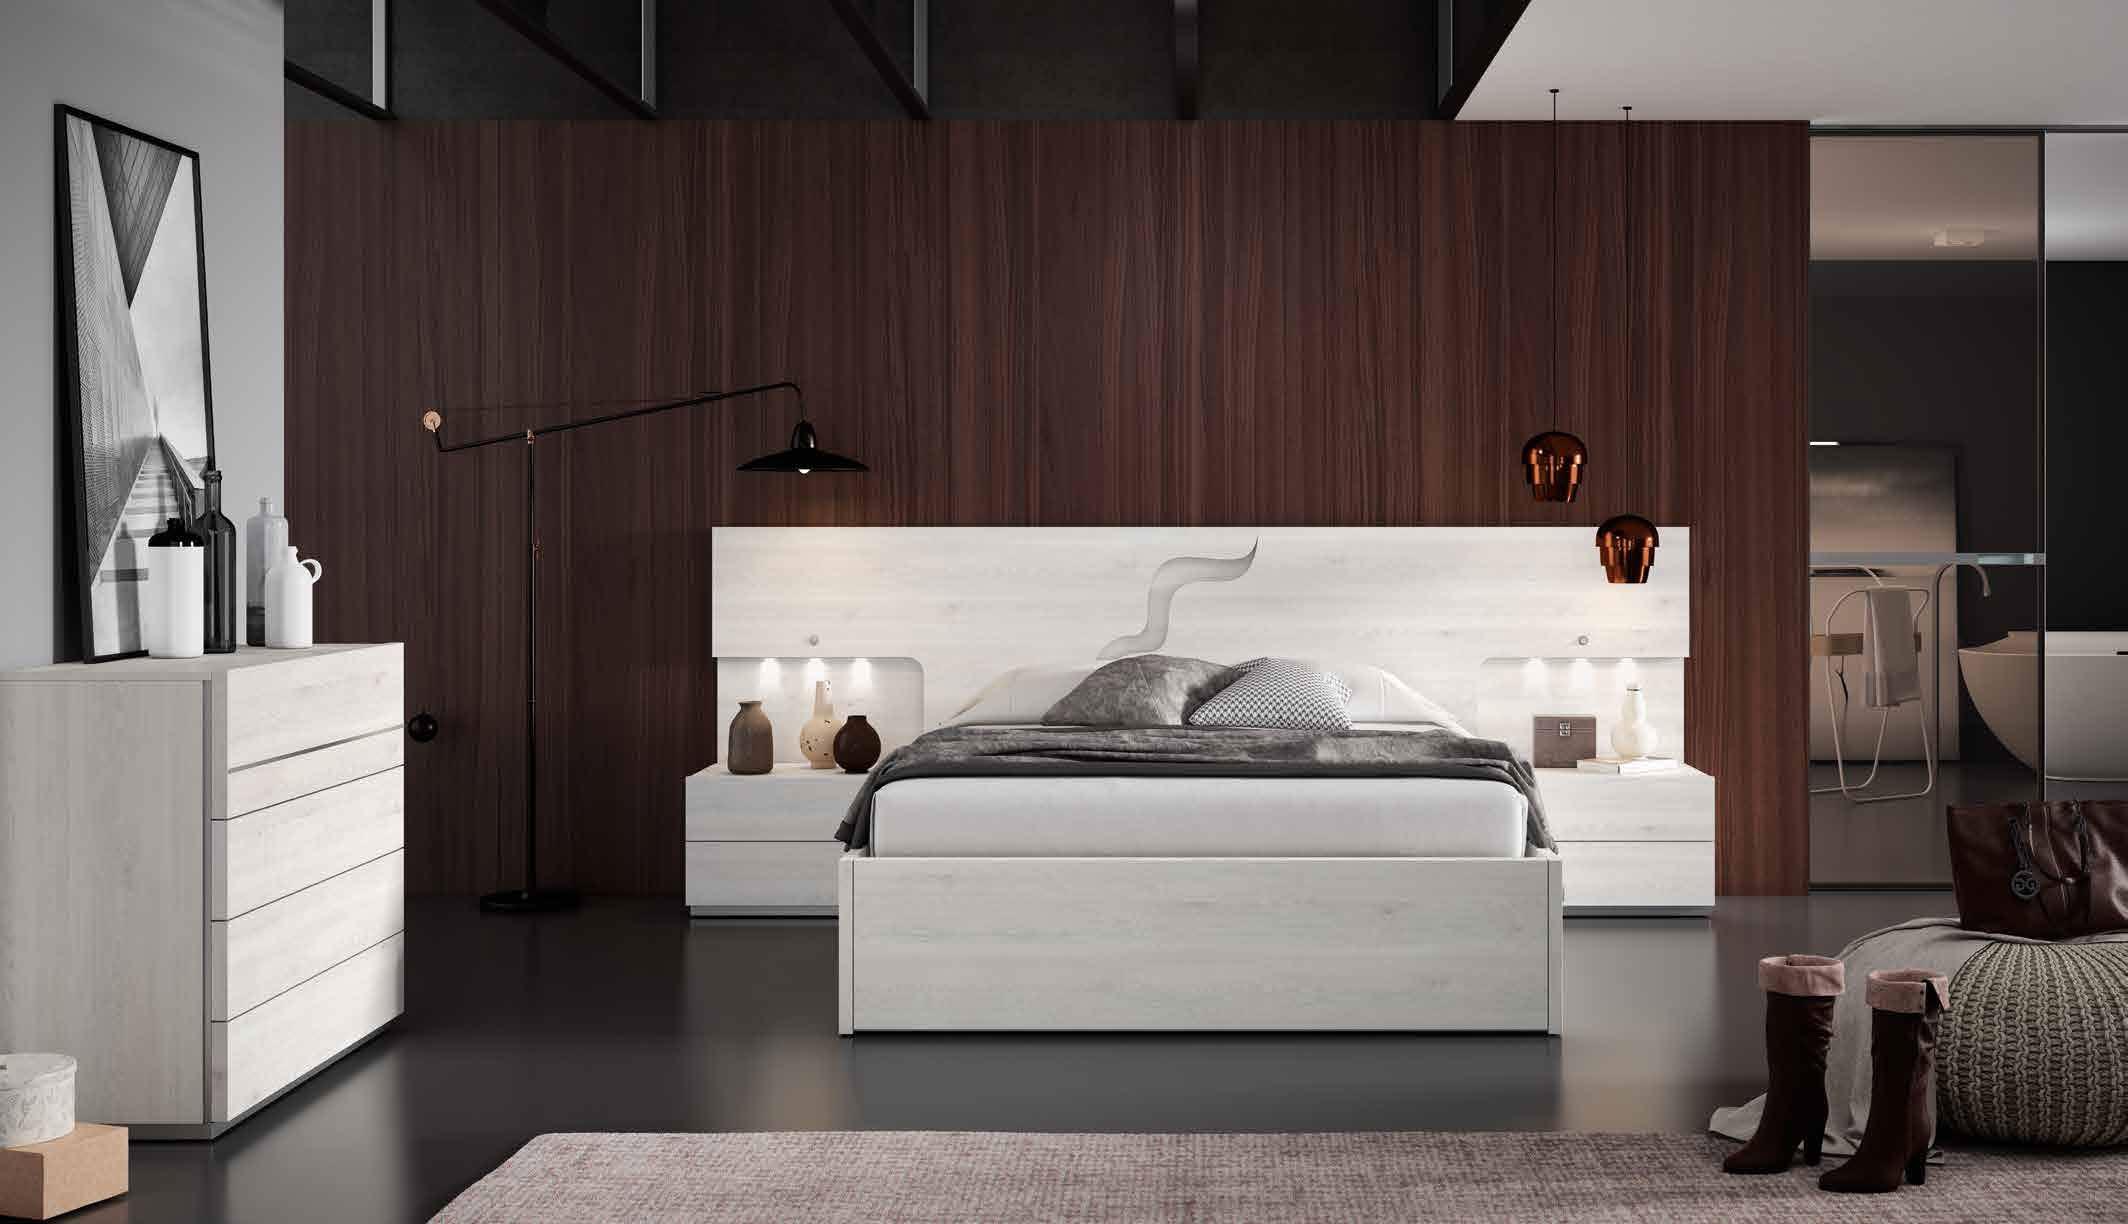 creta-dormitorio-quios-21